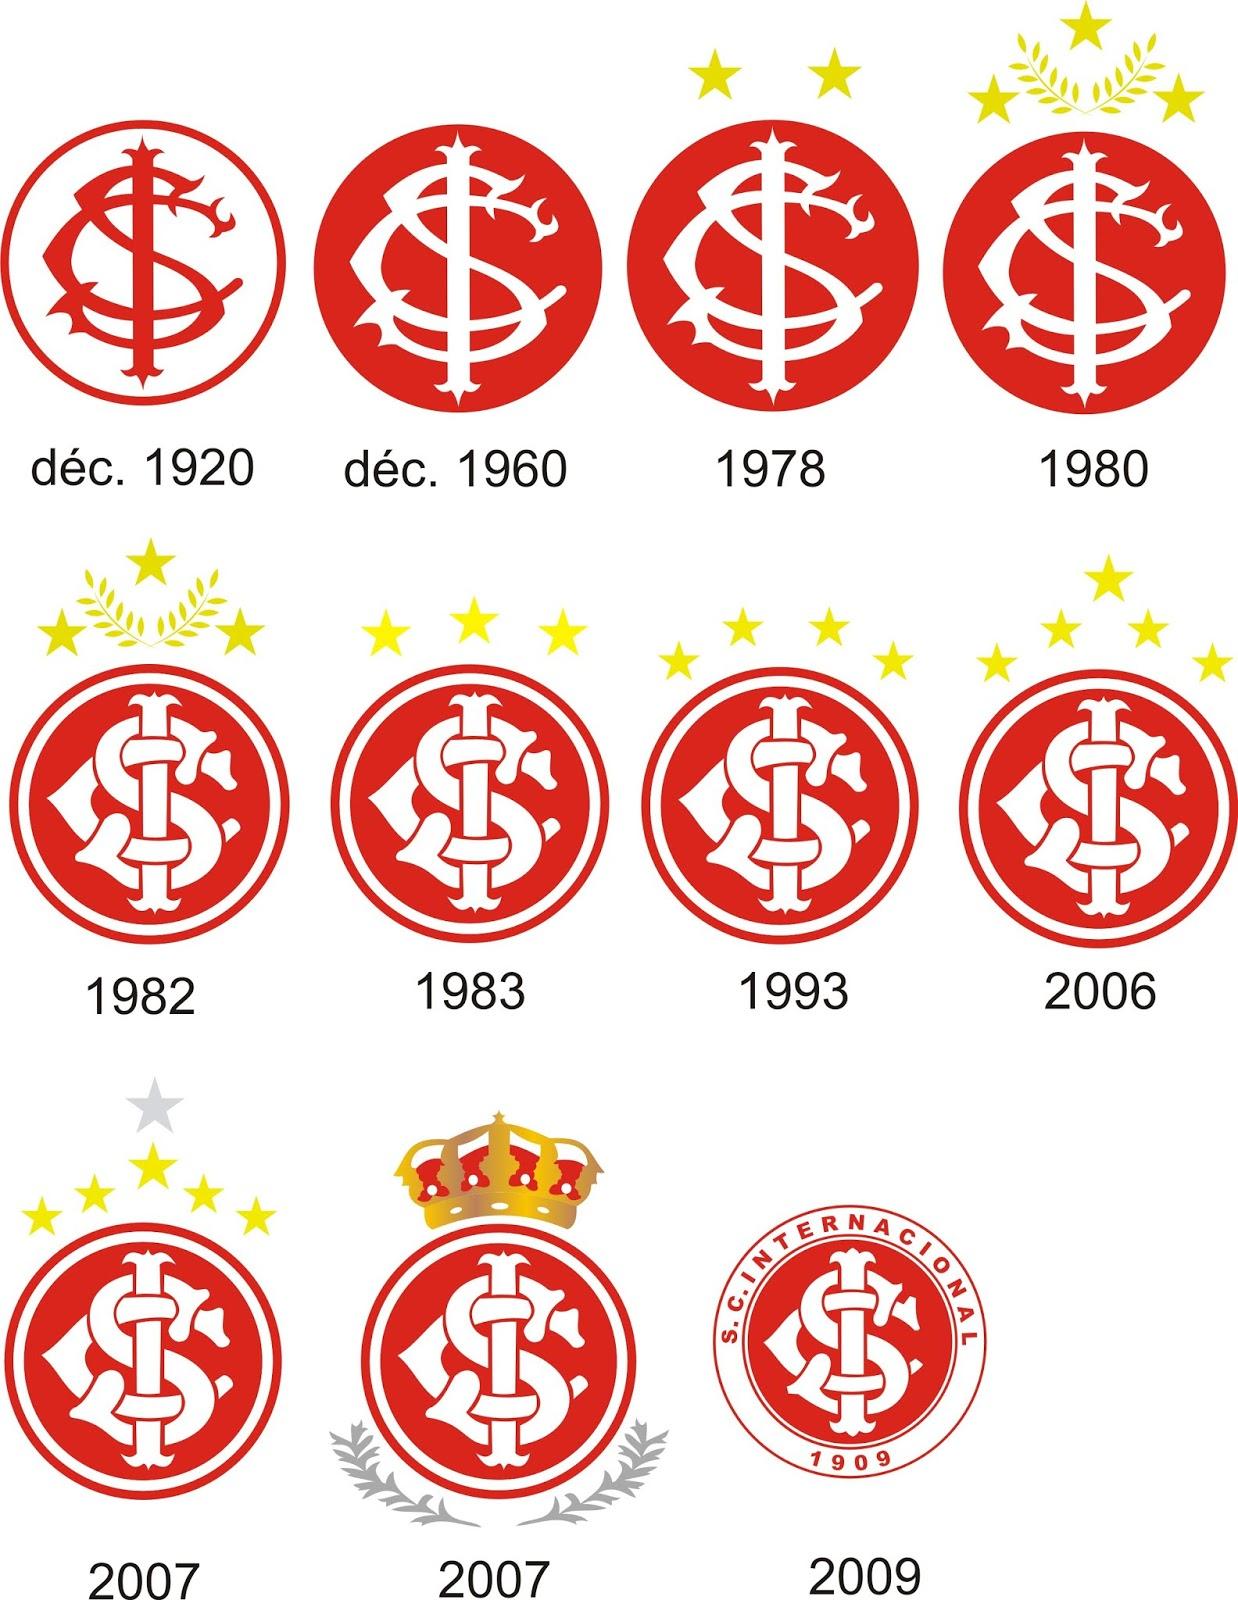 Evolução do Escudo do Internacional